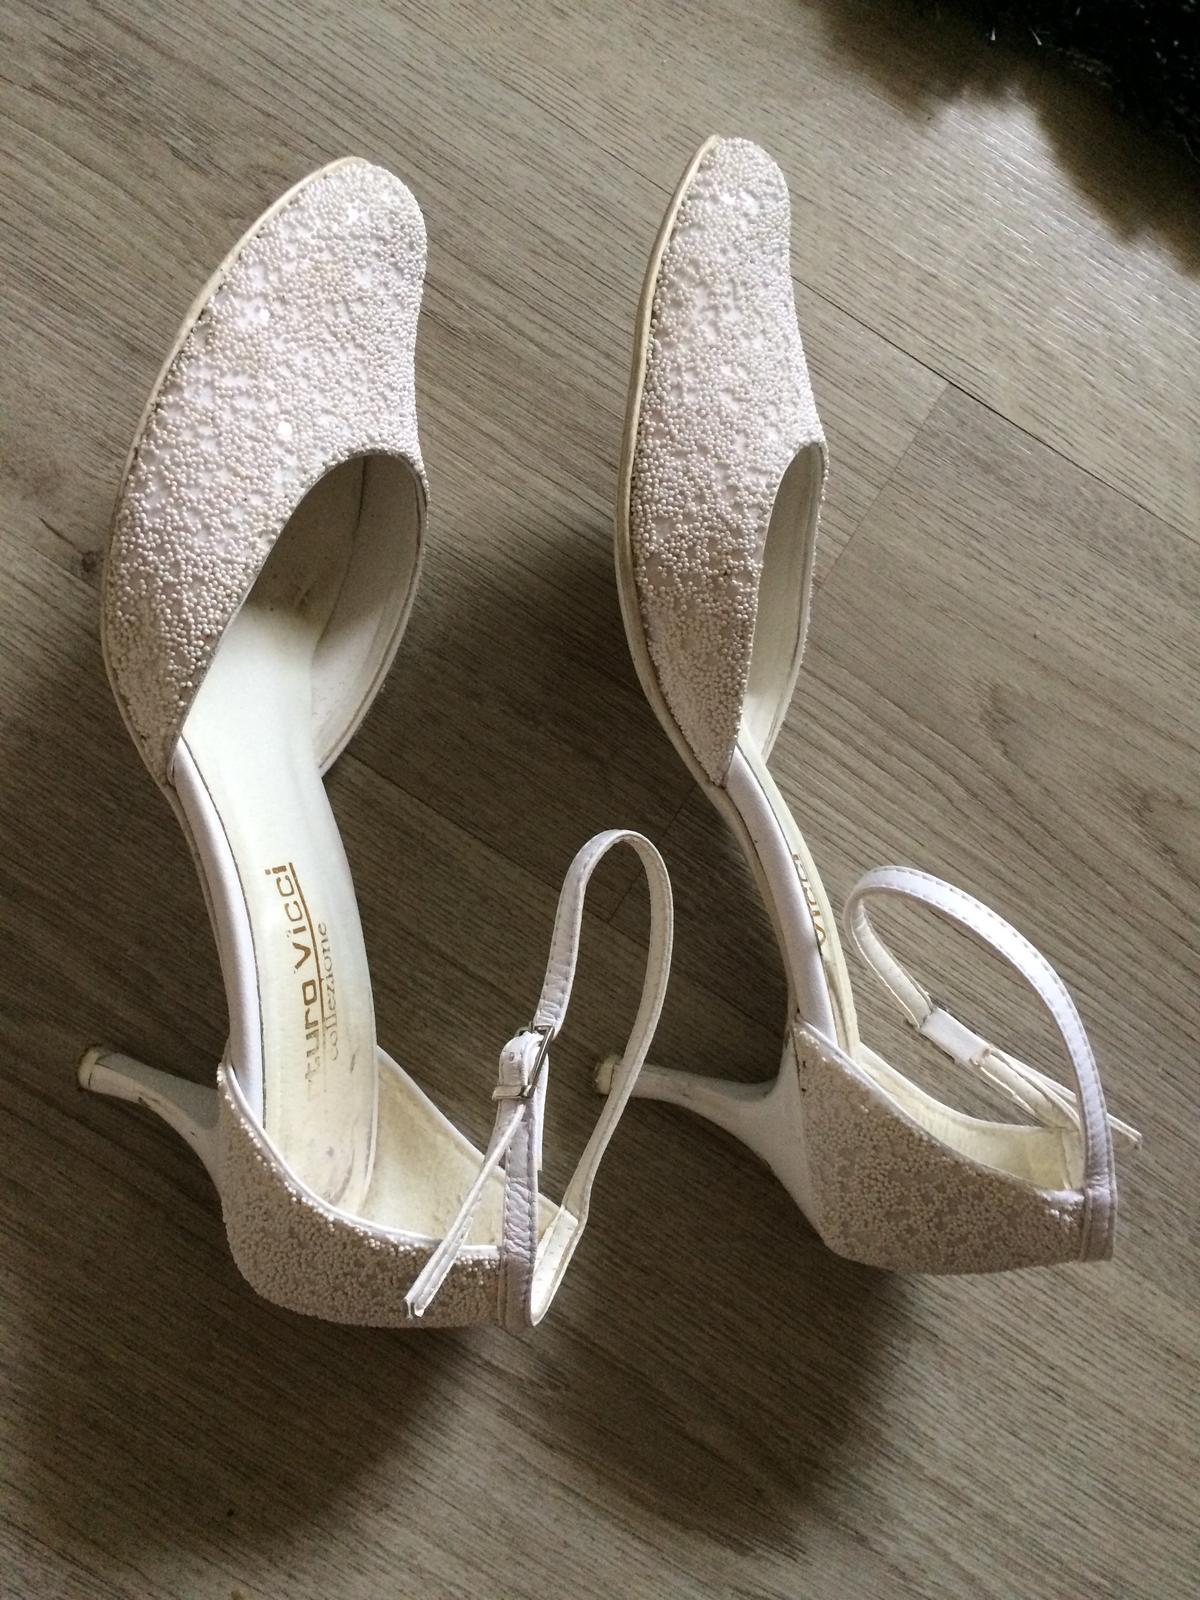 svadobné topánky č.39 - Obrázok č. 1